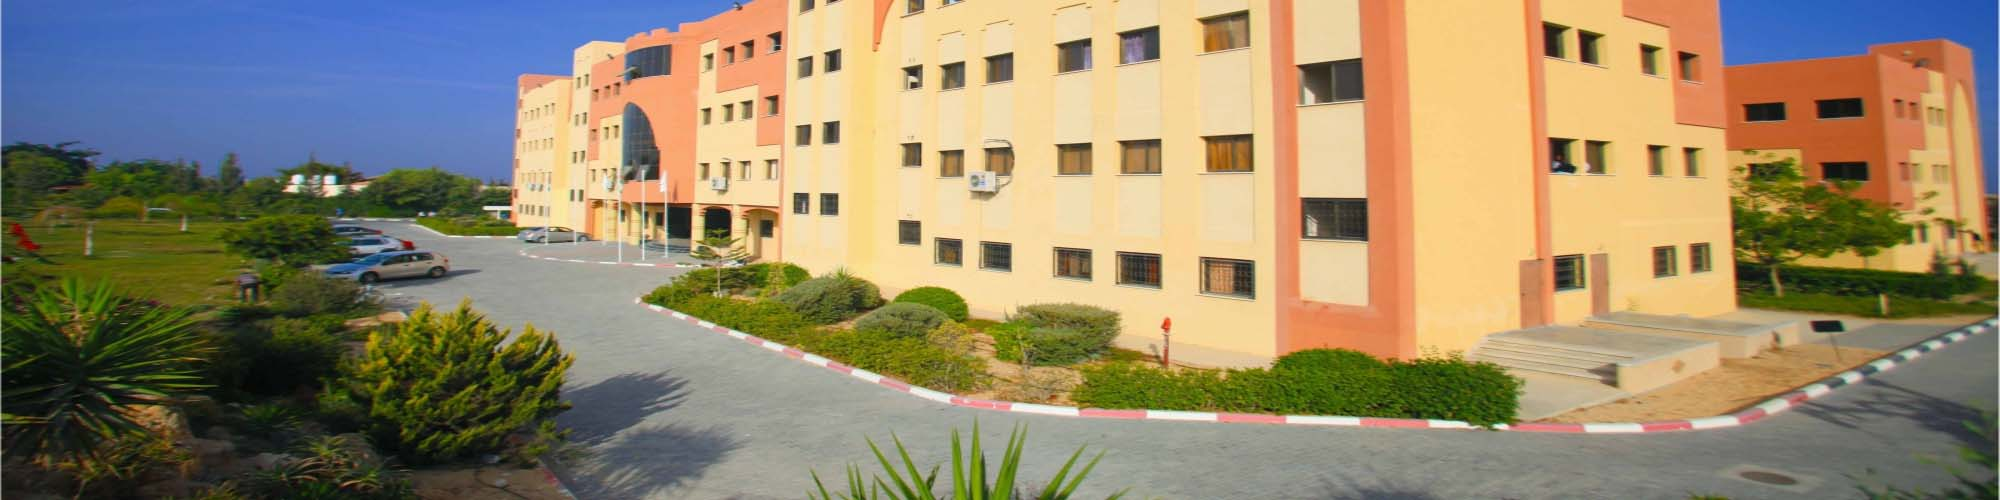 مبنى سمو الشيخ الدكتور سلطان القاسمي